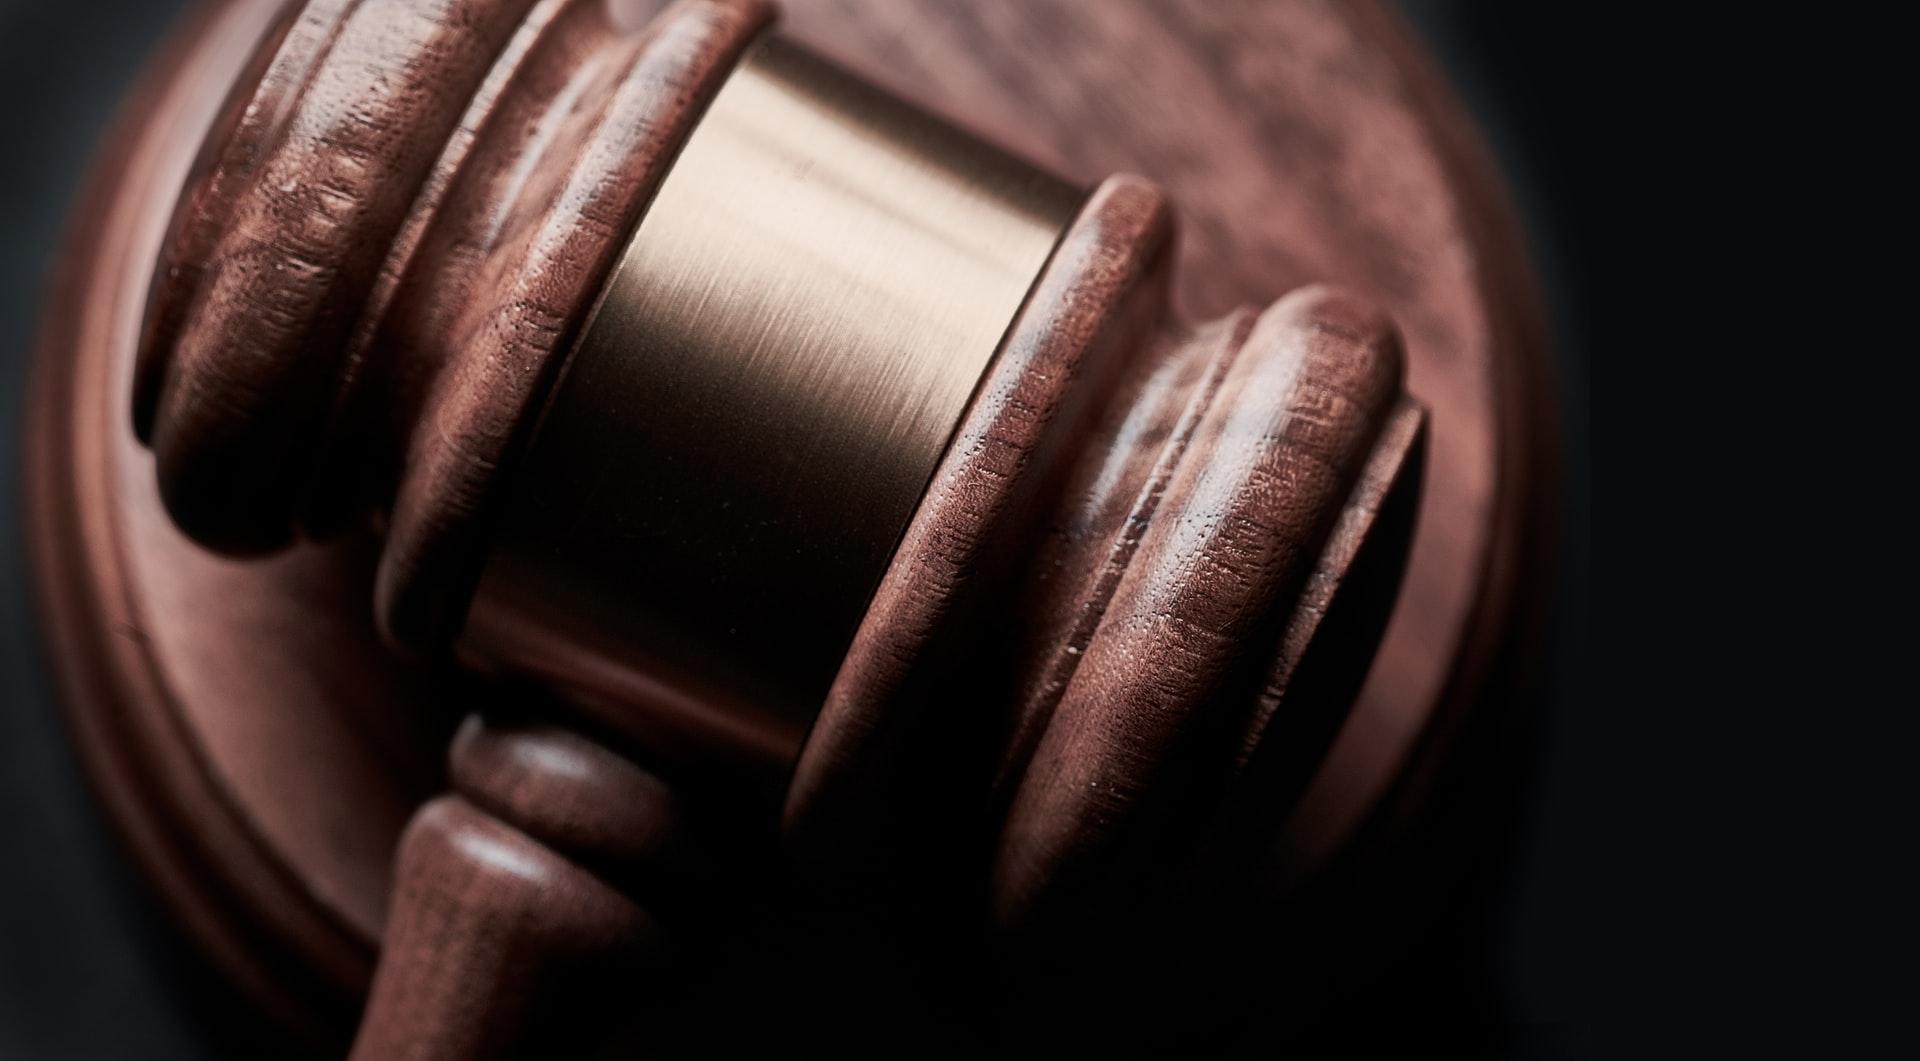 في هولندا تعرف متى تتعامل مع القانون الإداري؟